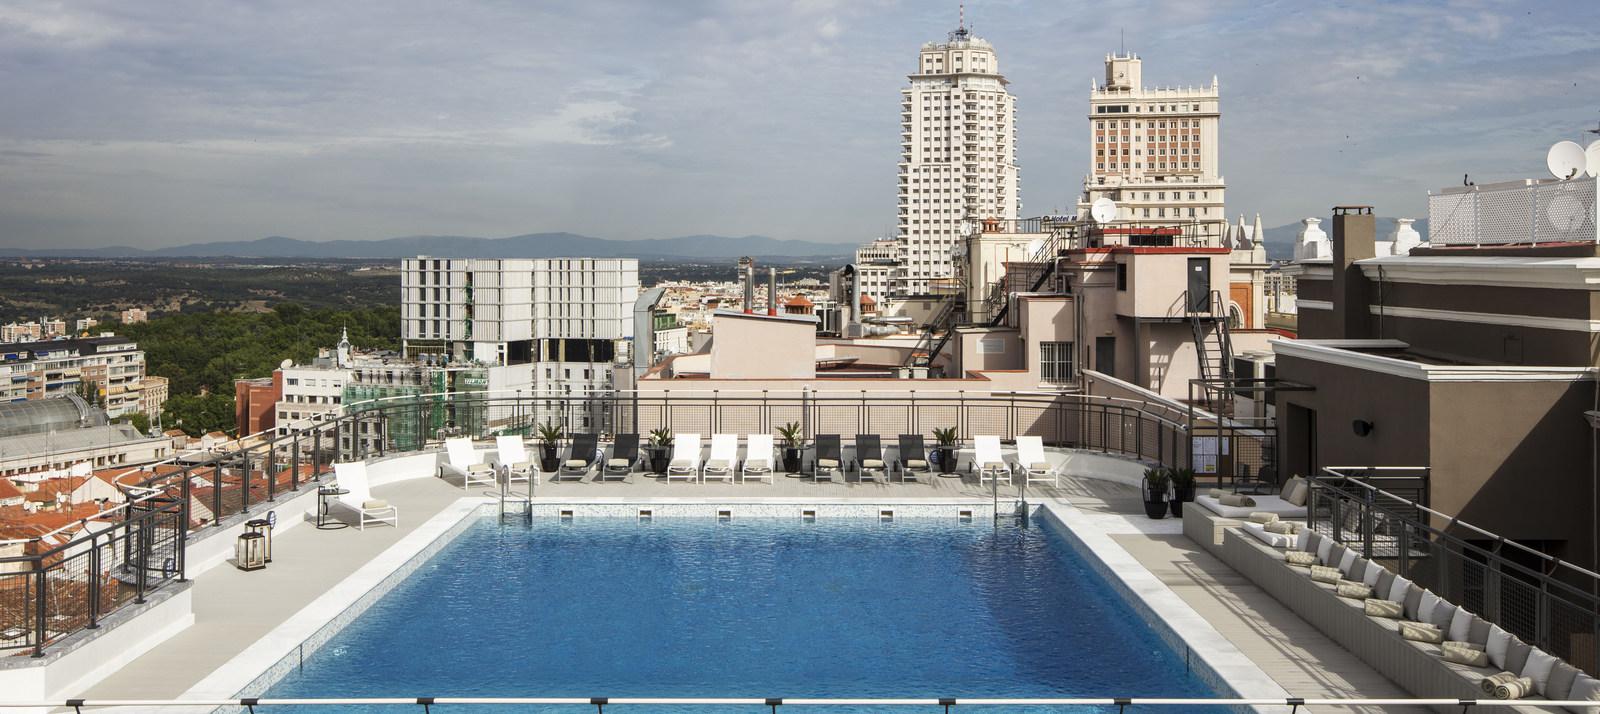 hotelemperador.jpg